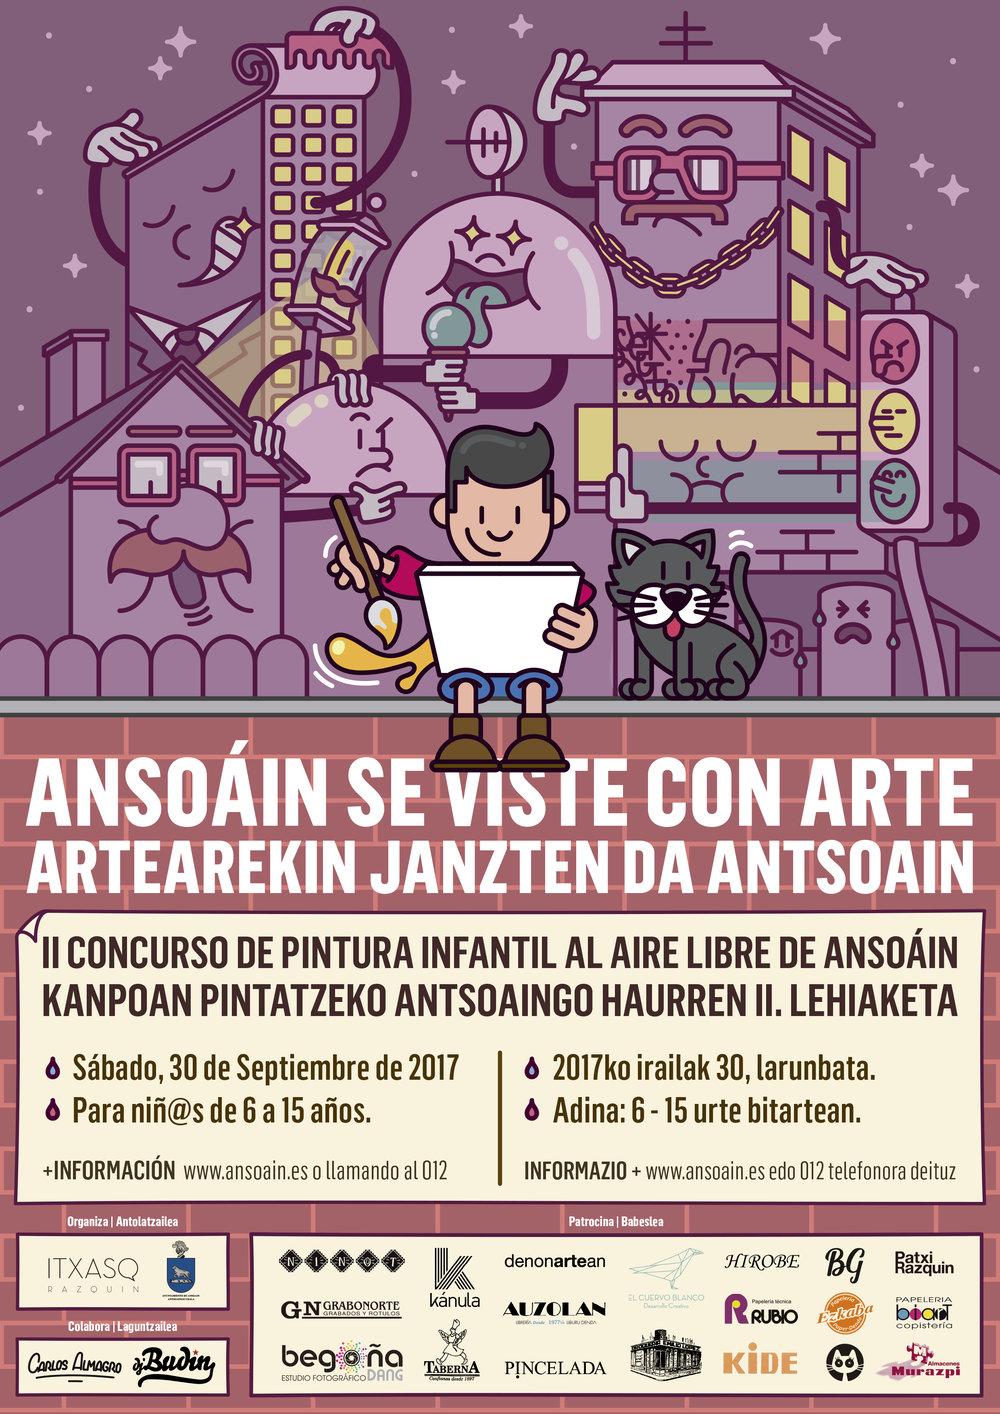 Diseño del cartel   Carlos Almagro